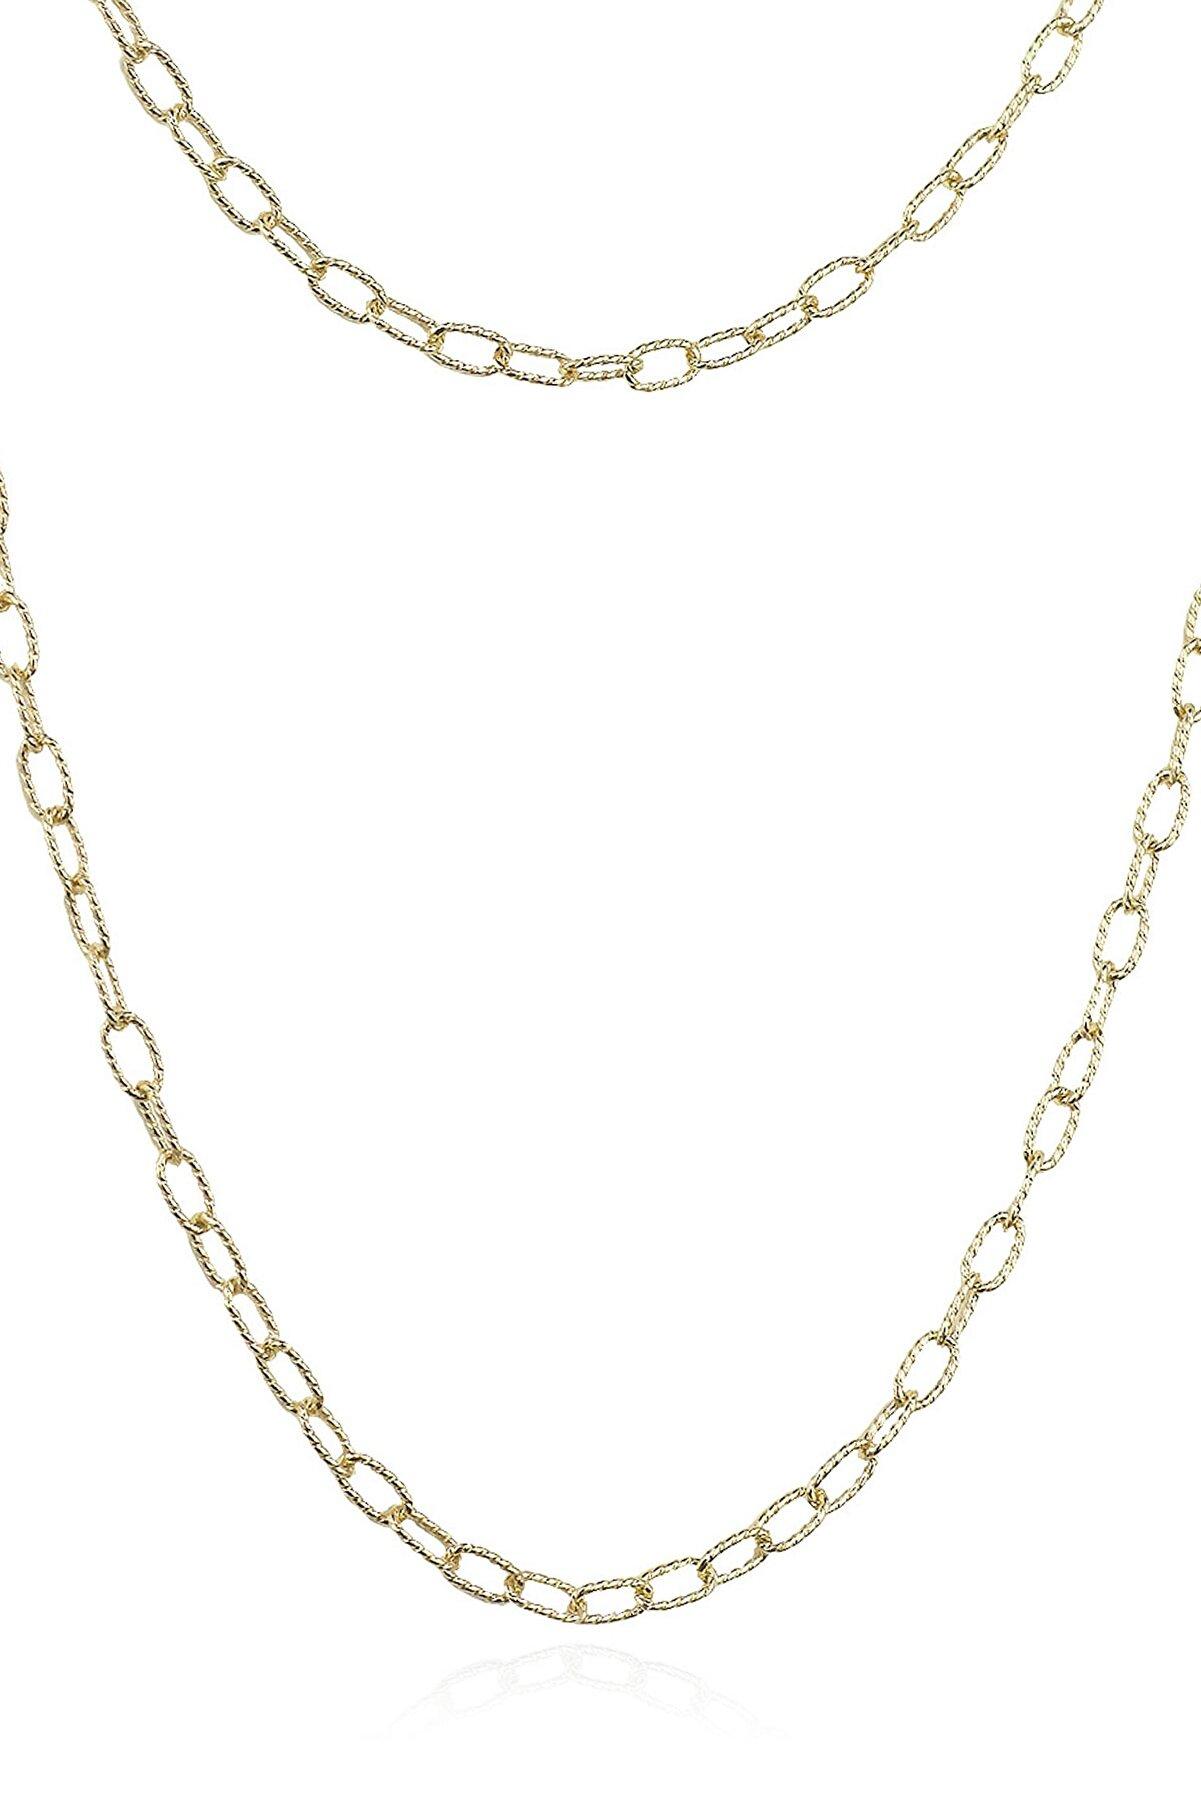 By Barun Silver Kadın Sarı Altın Oval Zincir Kolye